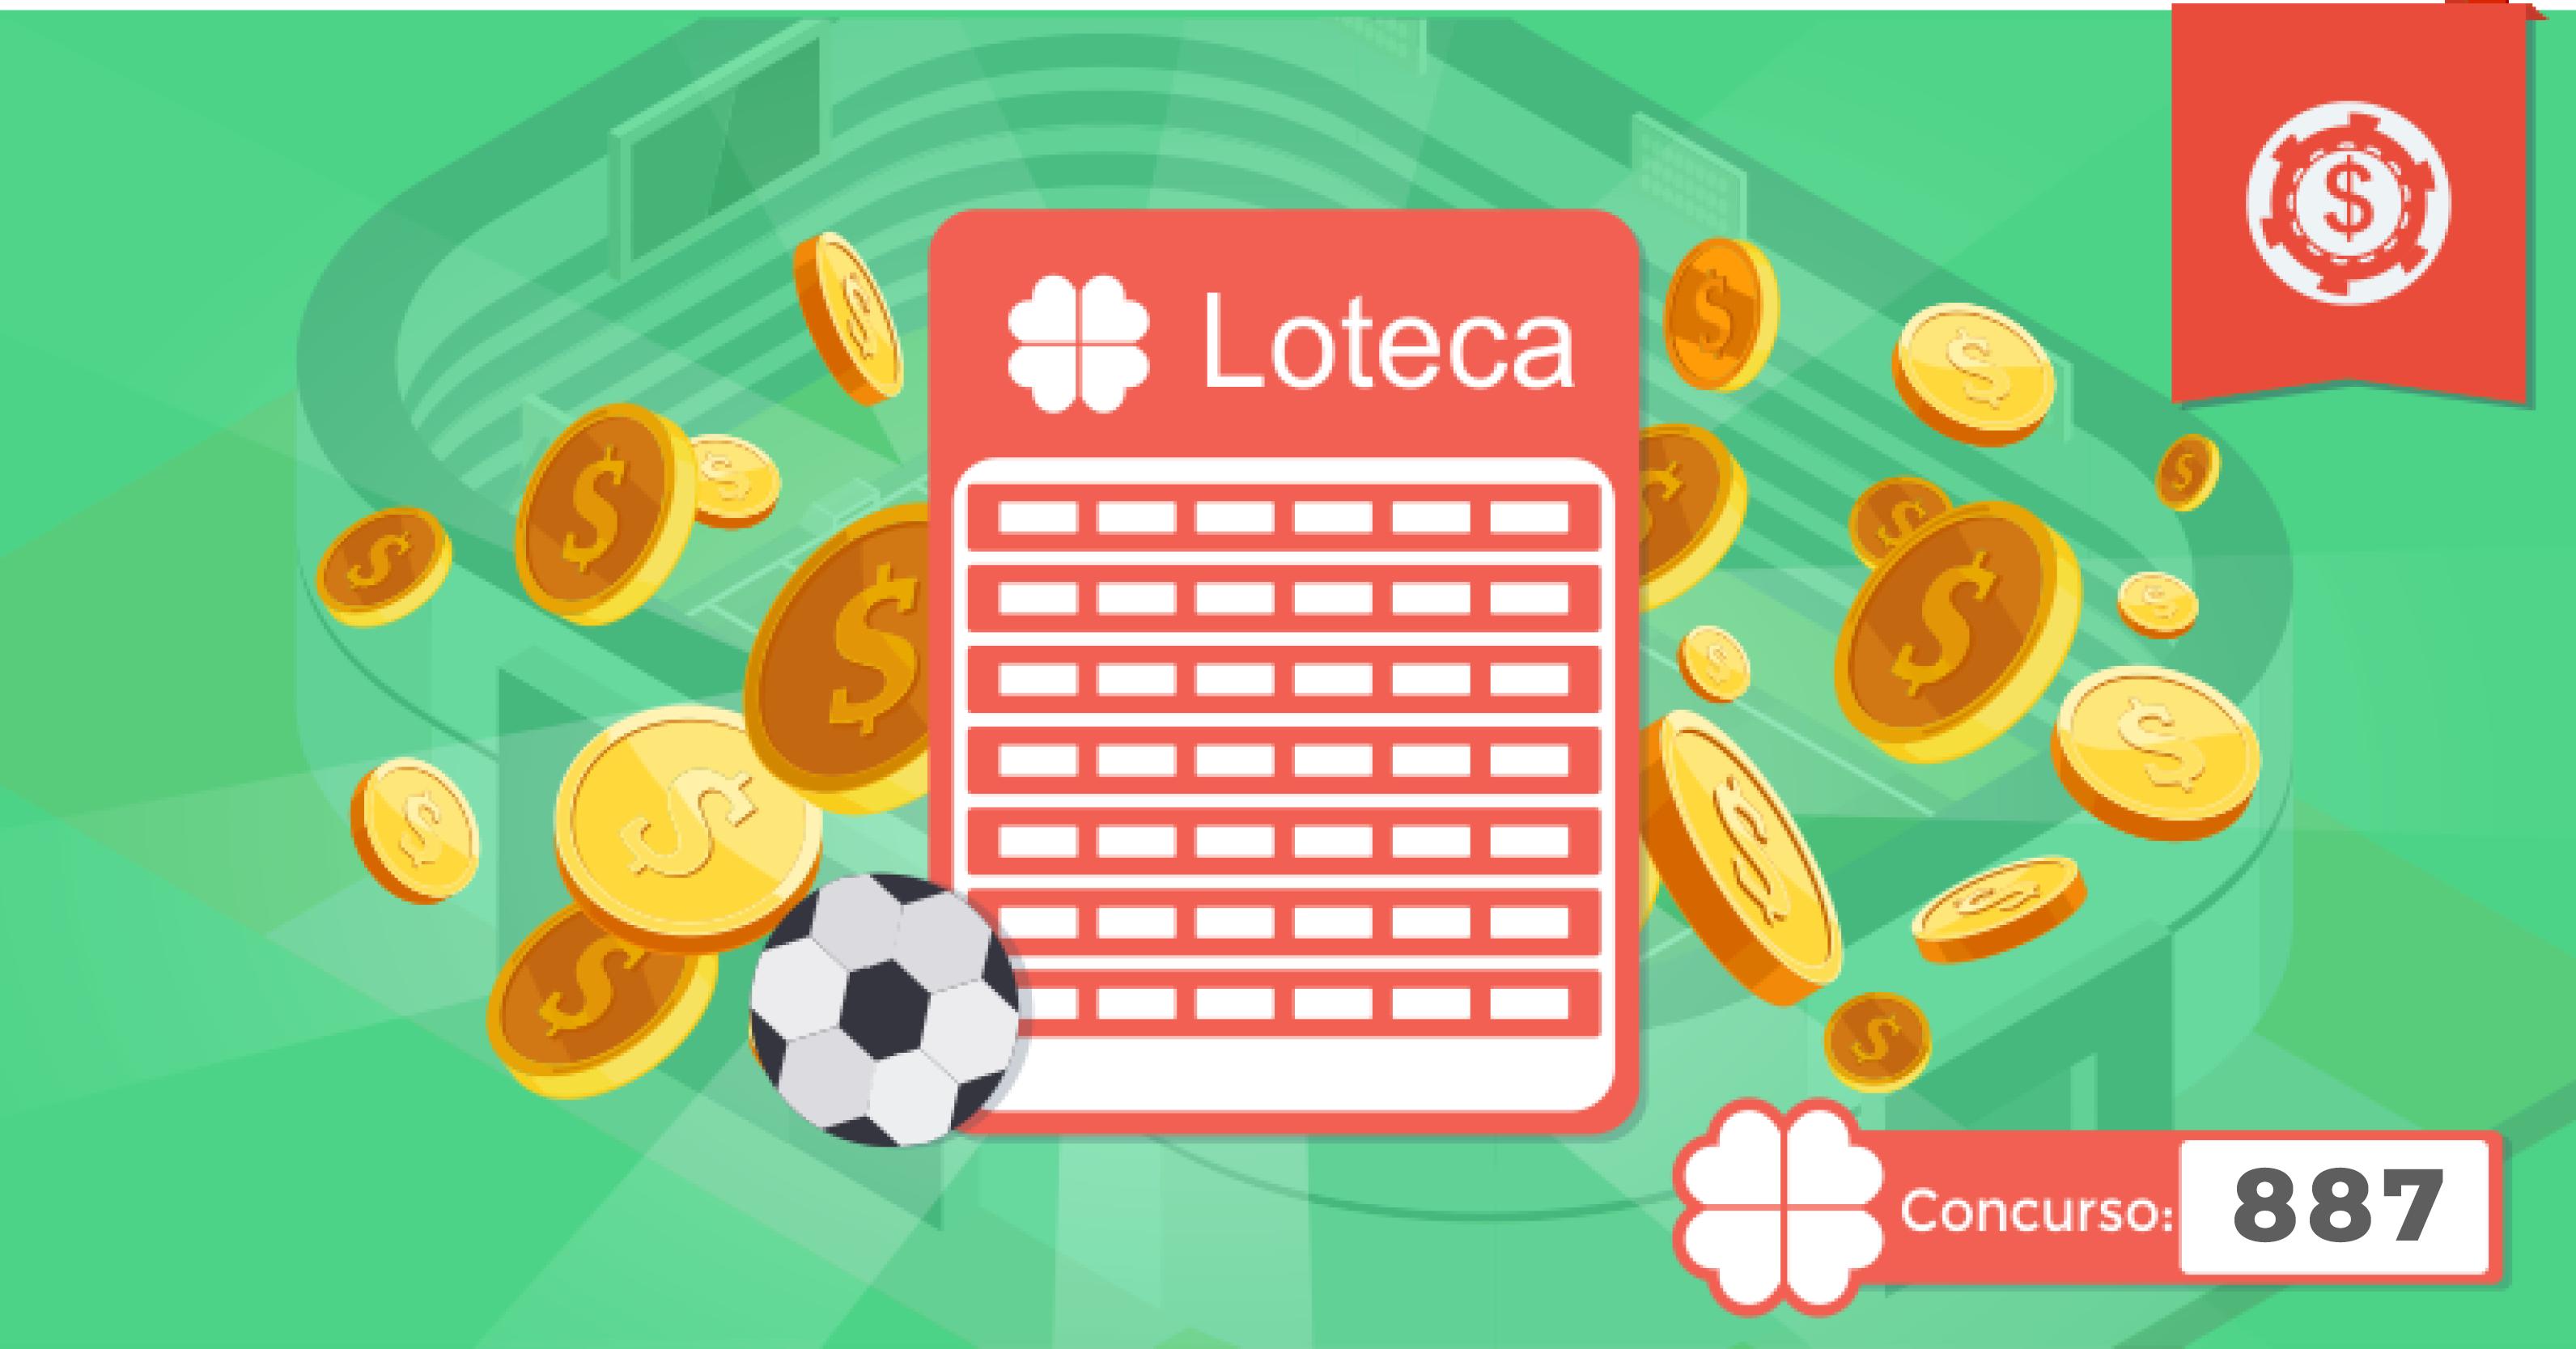 palpites-loteca-887-palpites-loteca-semana